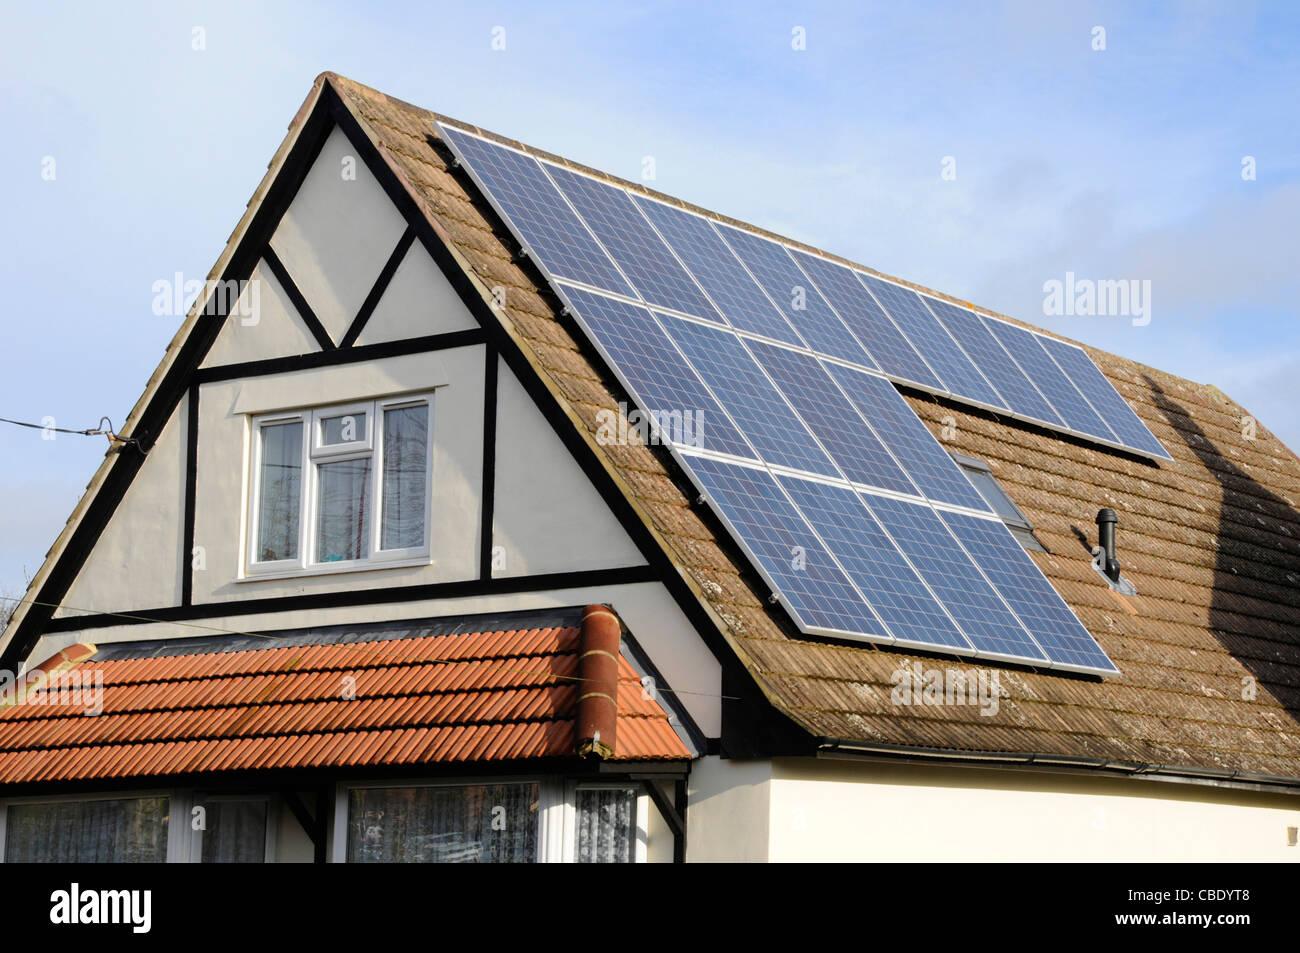 Los paneles solares instalados en el techo de la casa unifamiliar junto a un rooflight existente Imagen De Stock